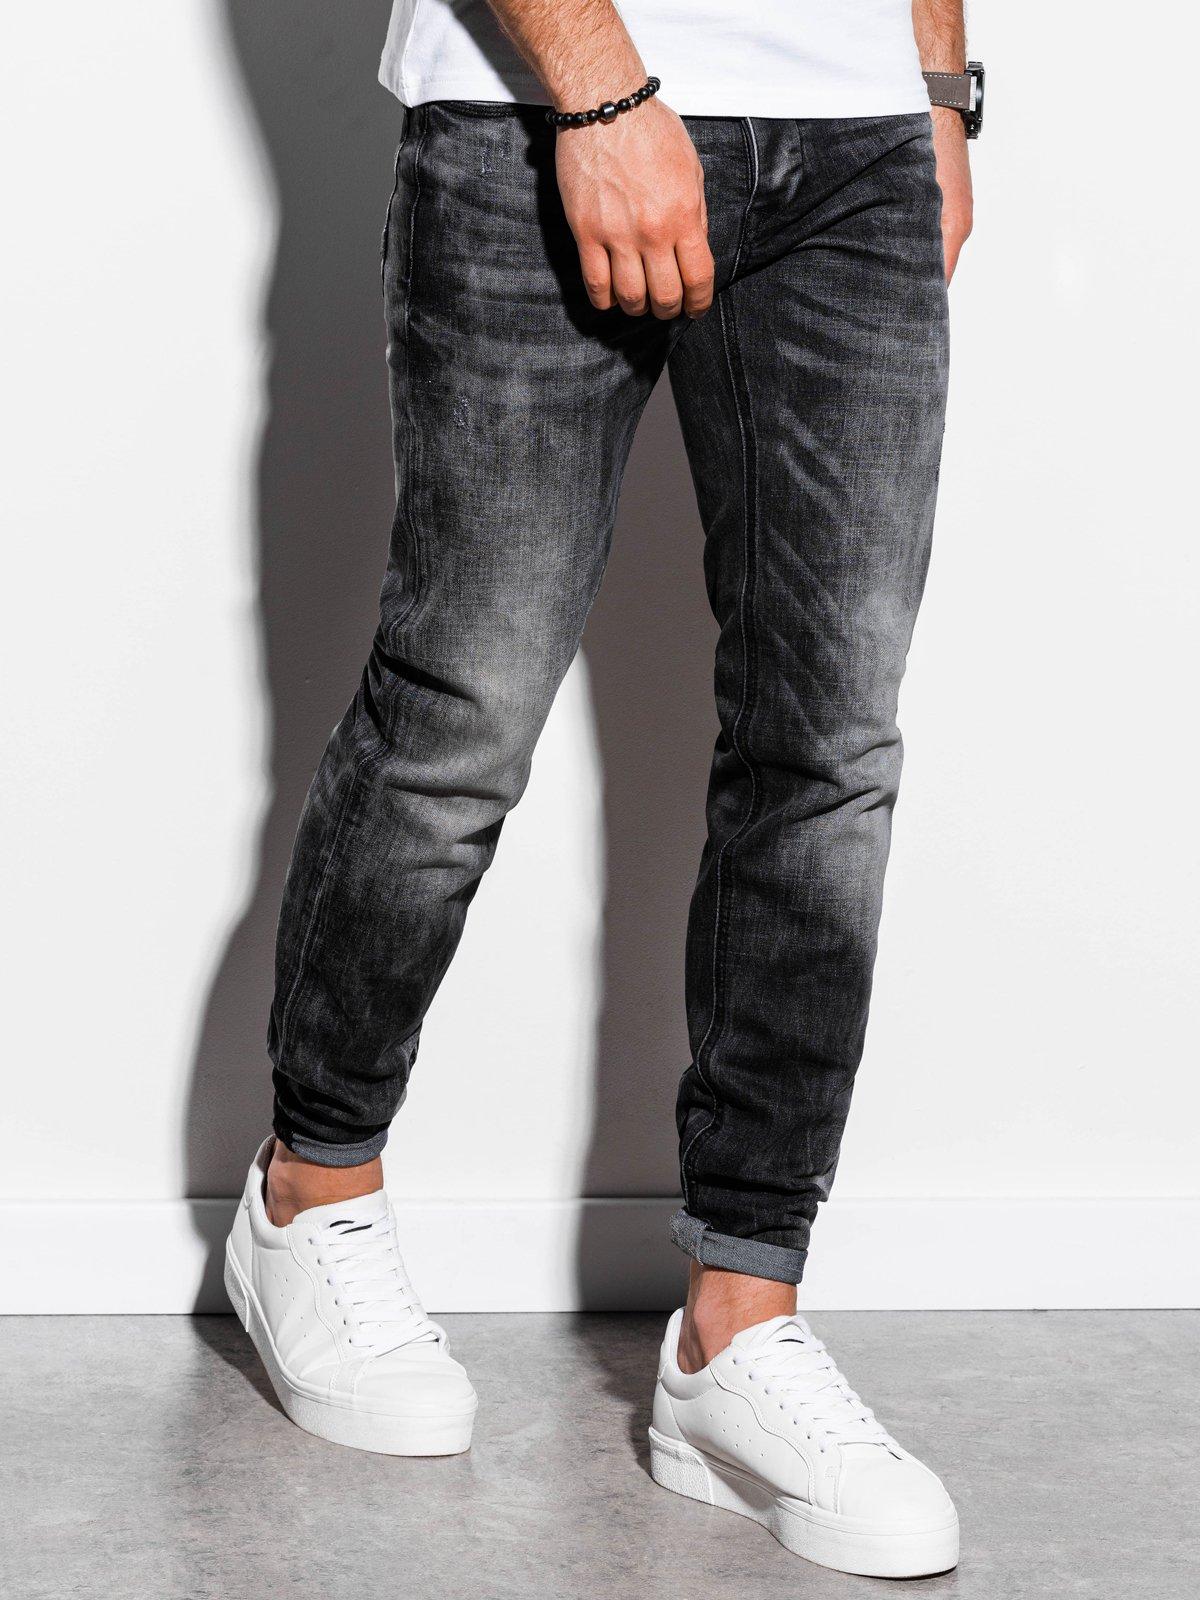 Spodnie męskie jeansowe P860 - czarne